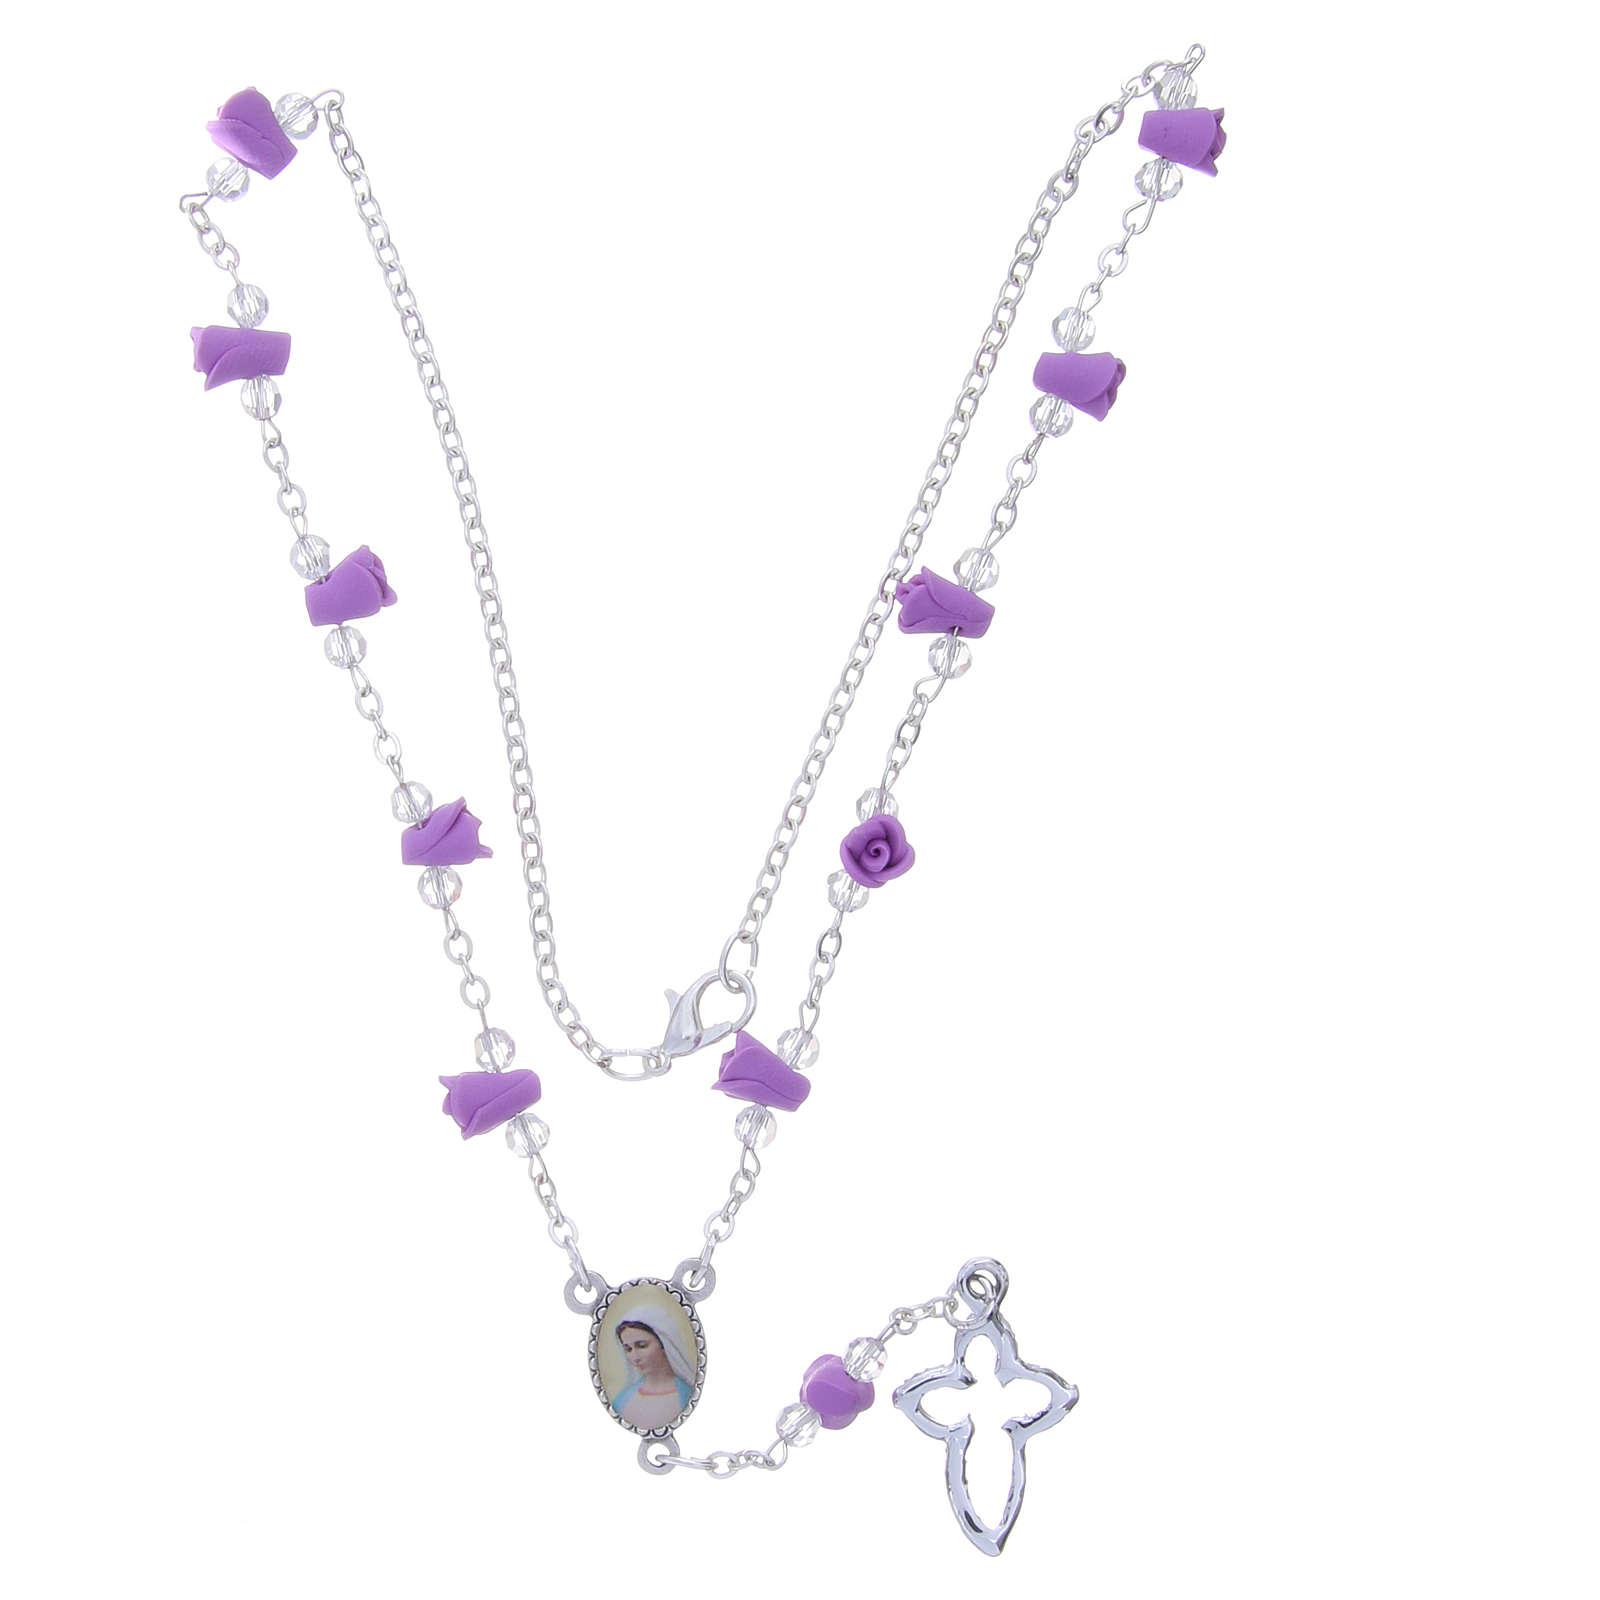 Collana rosario Medjugorje rose color glicine ceramica icona Madonna 4